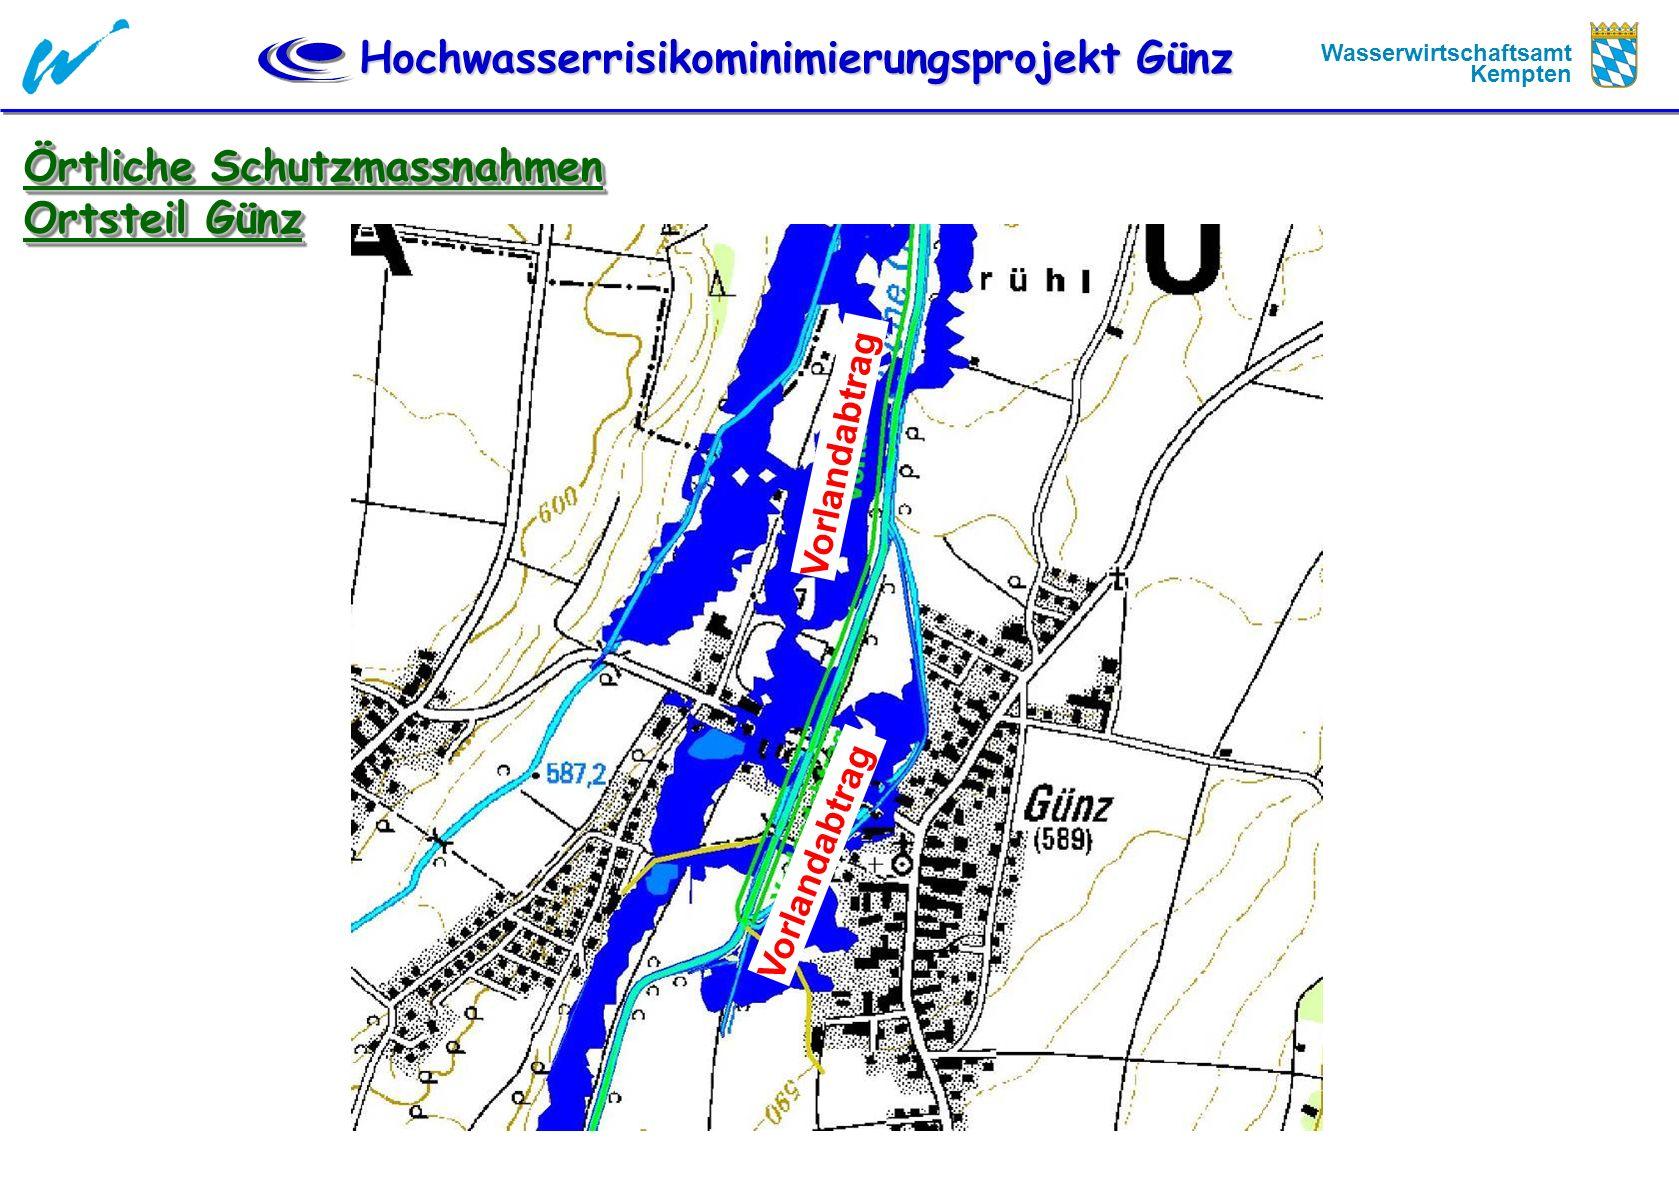 Hochwasserrisikominimierungsprojekt Günz Wasserwirtschaftsamt Kempten Örtliche Schutzmassnahmen Ortsteil Günz Örtliche Schutzmassnahmen Ortsteil Günz